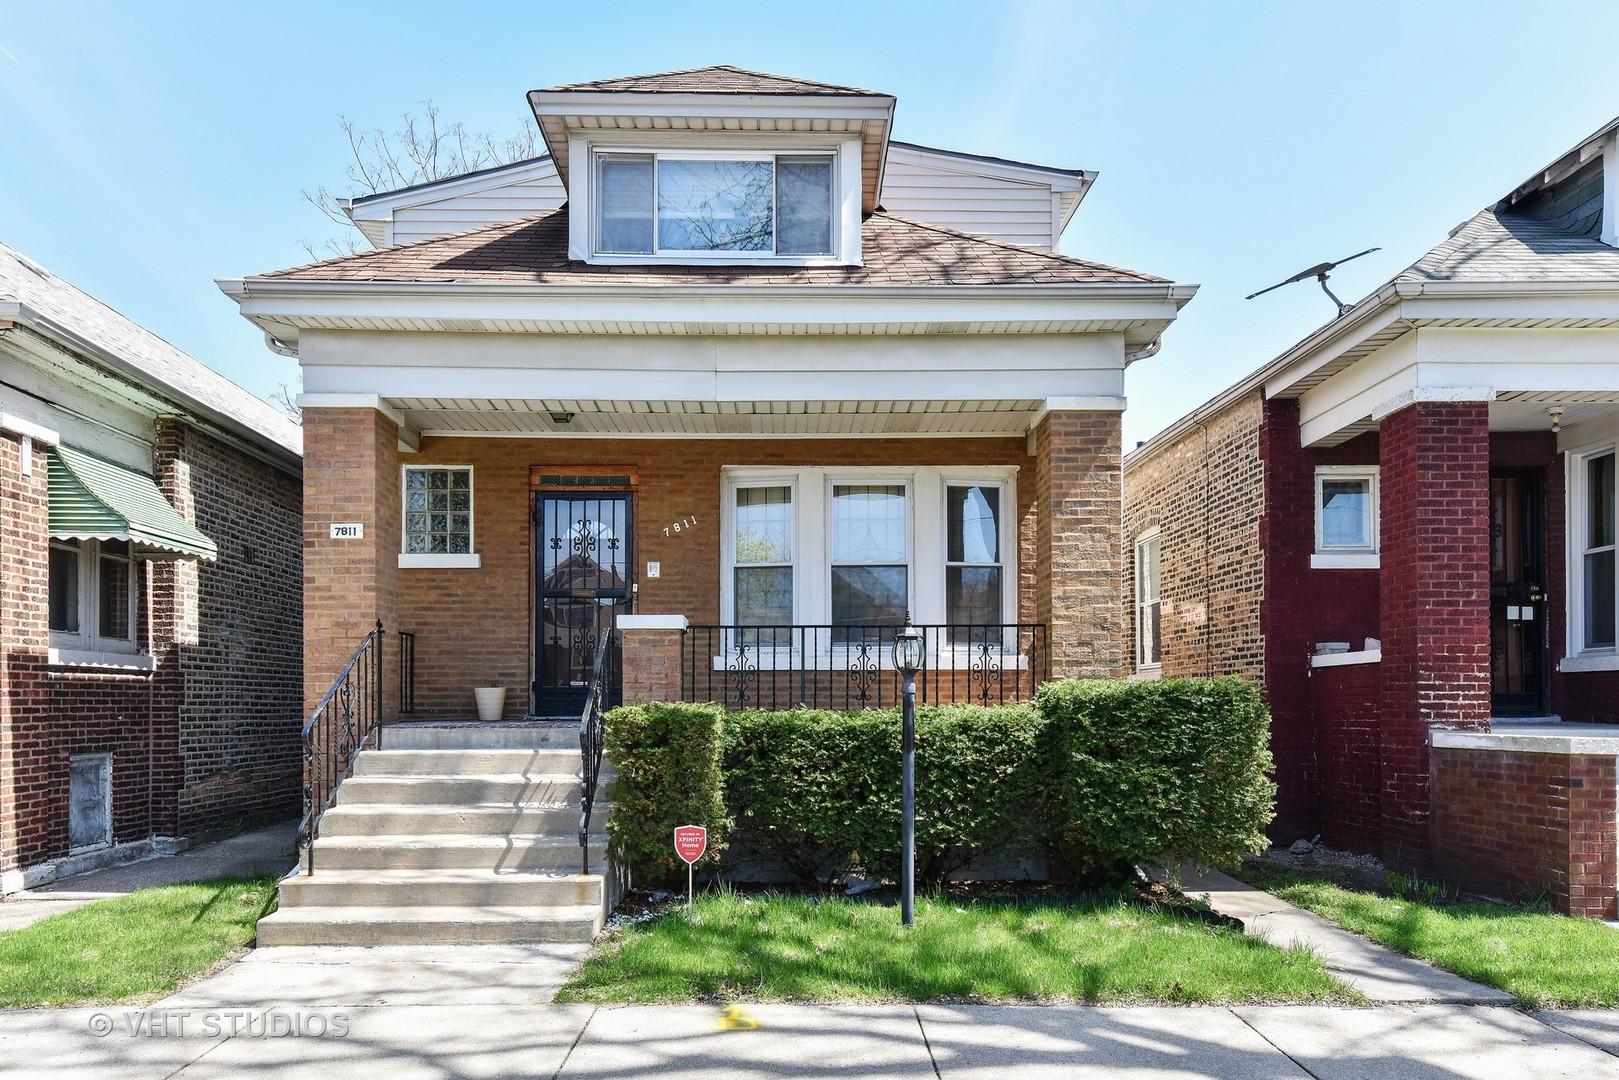 7811 S Vernon Avenue, Chicago, IL 60619